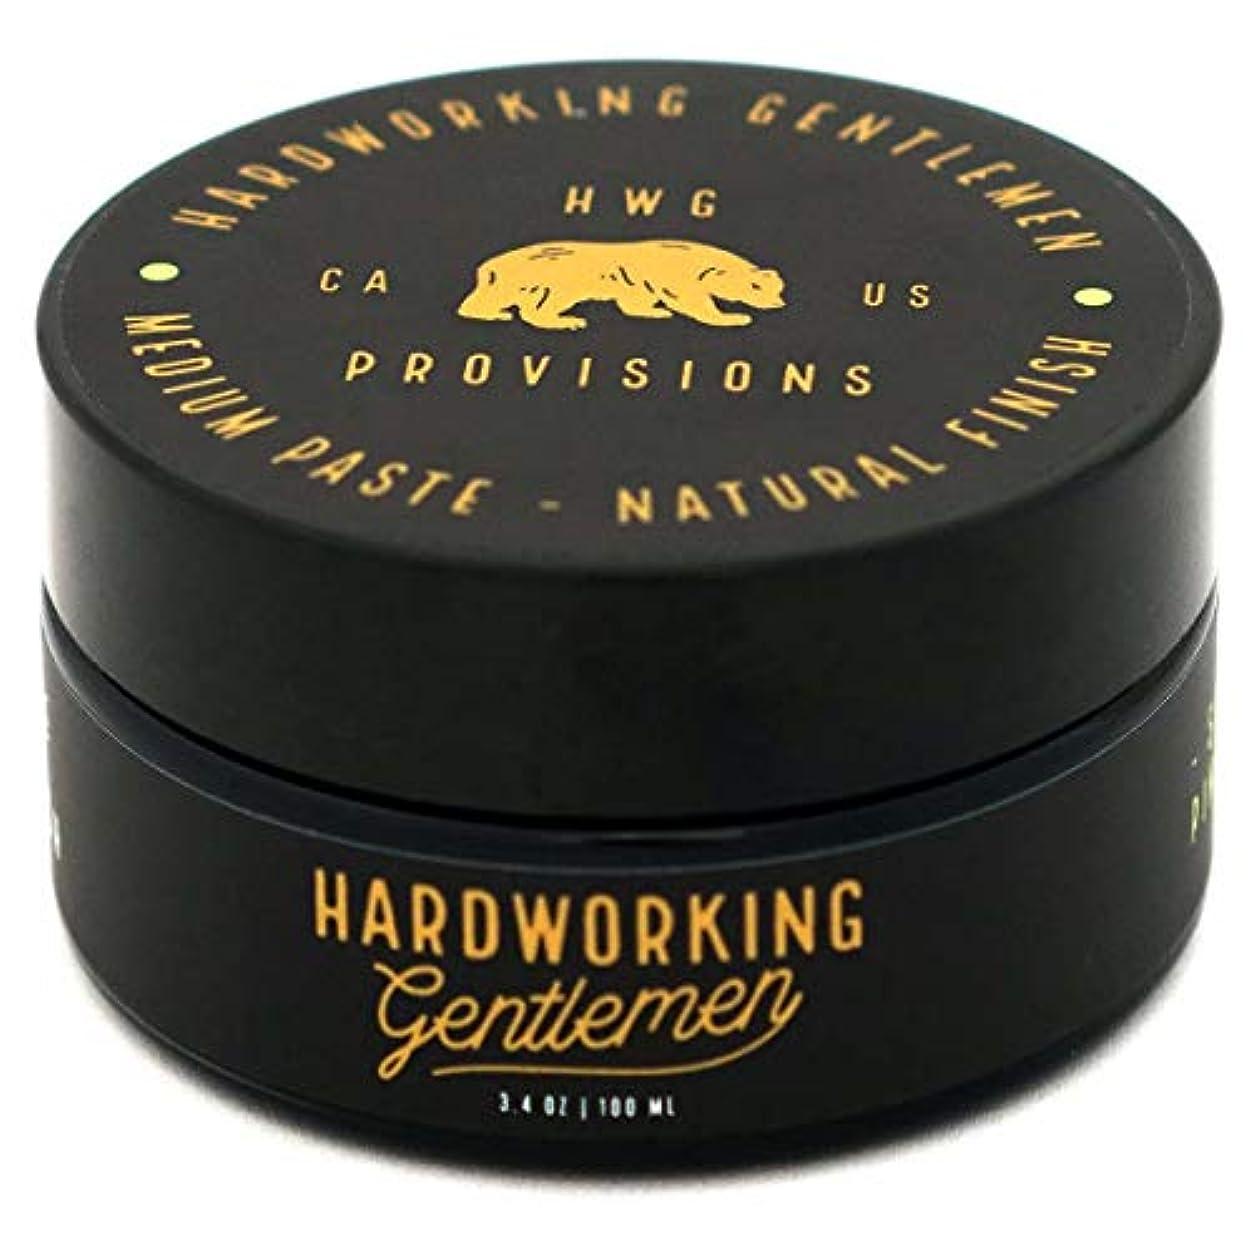 で出来ている漏れ人事Hardworking Gentlemen (ハードワーキング ジェントルメン) Medium Paste ヘアワックス 100ml 天然成分 オーガニック